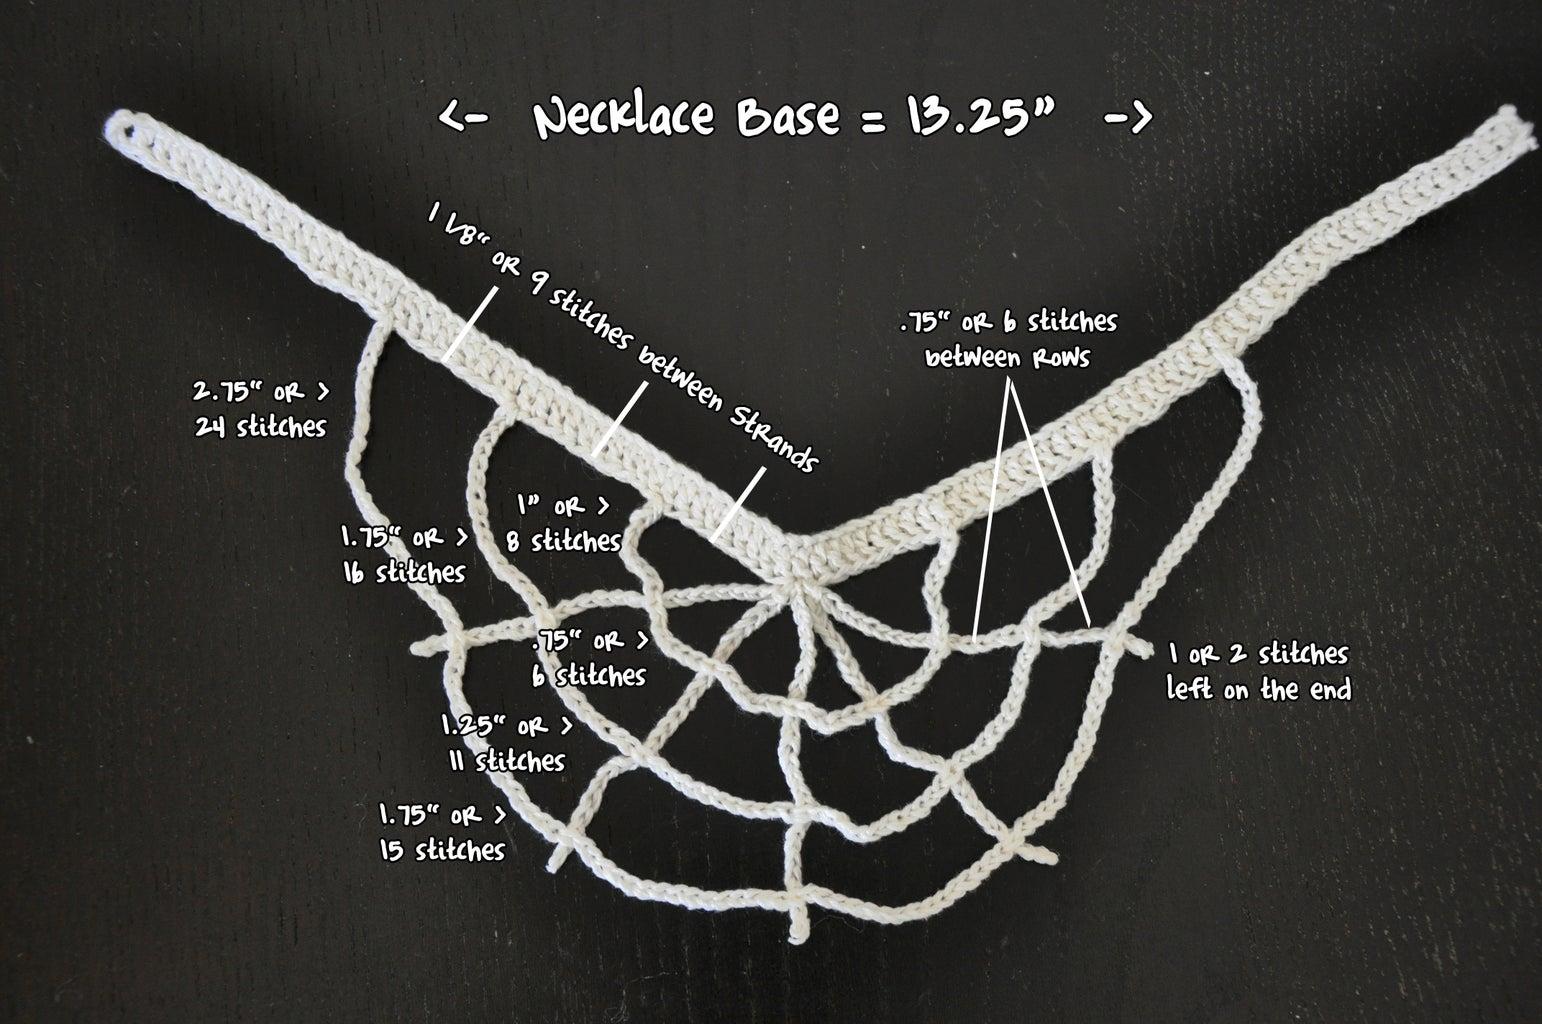 Spider Web Strands